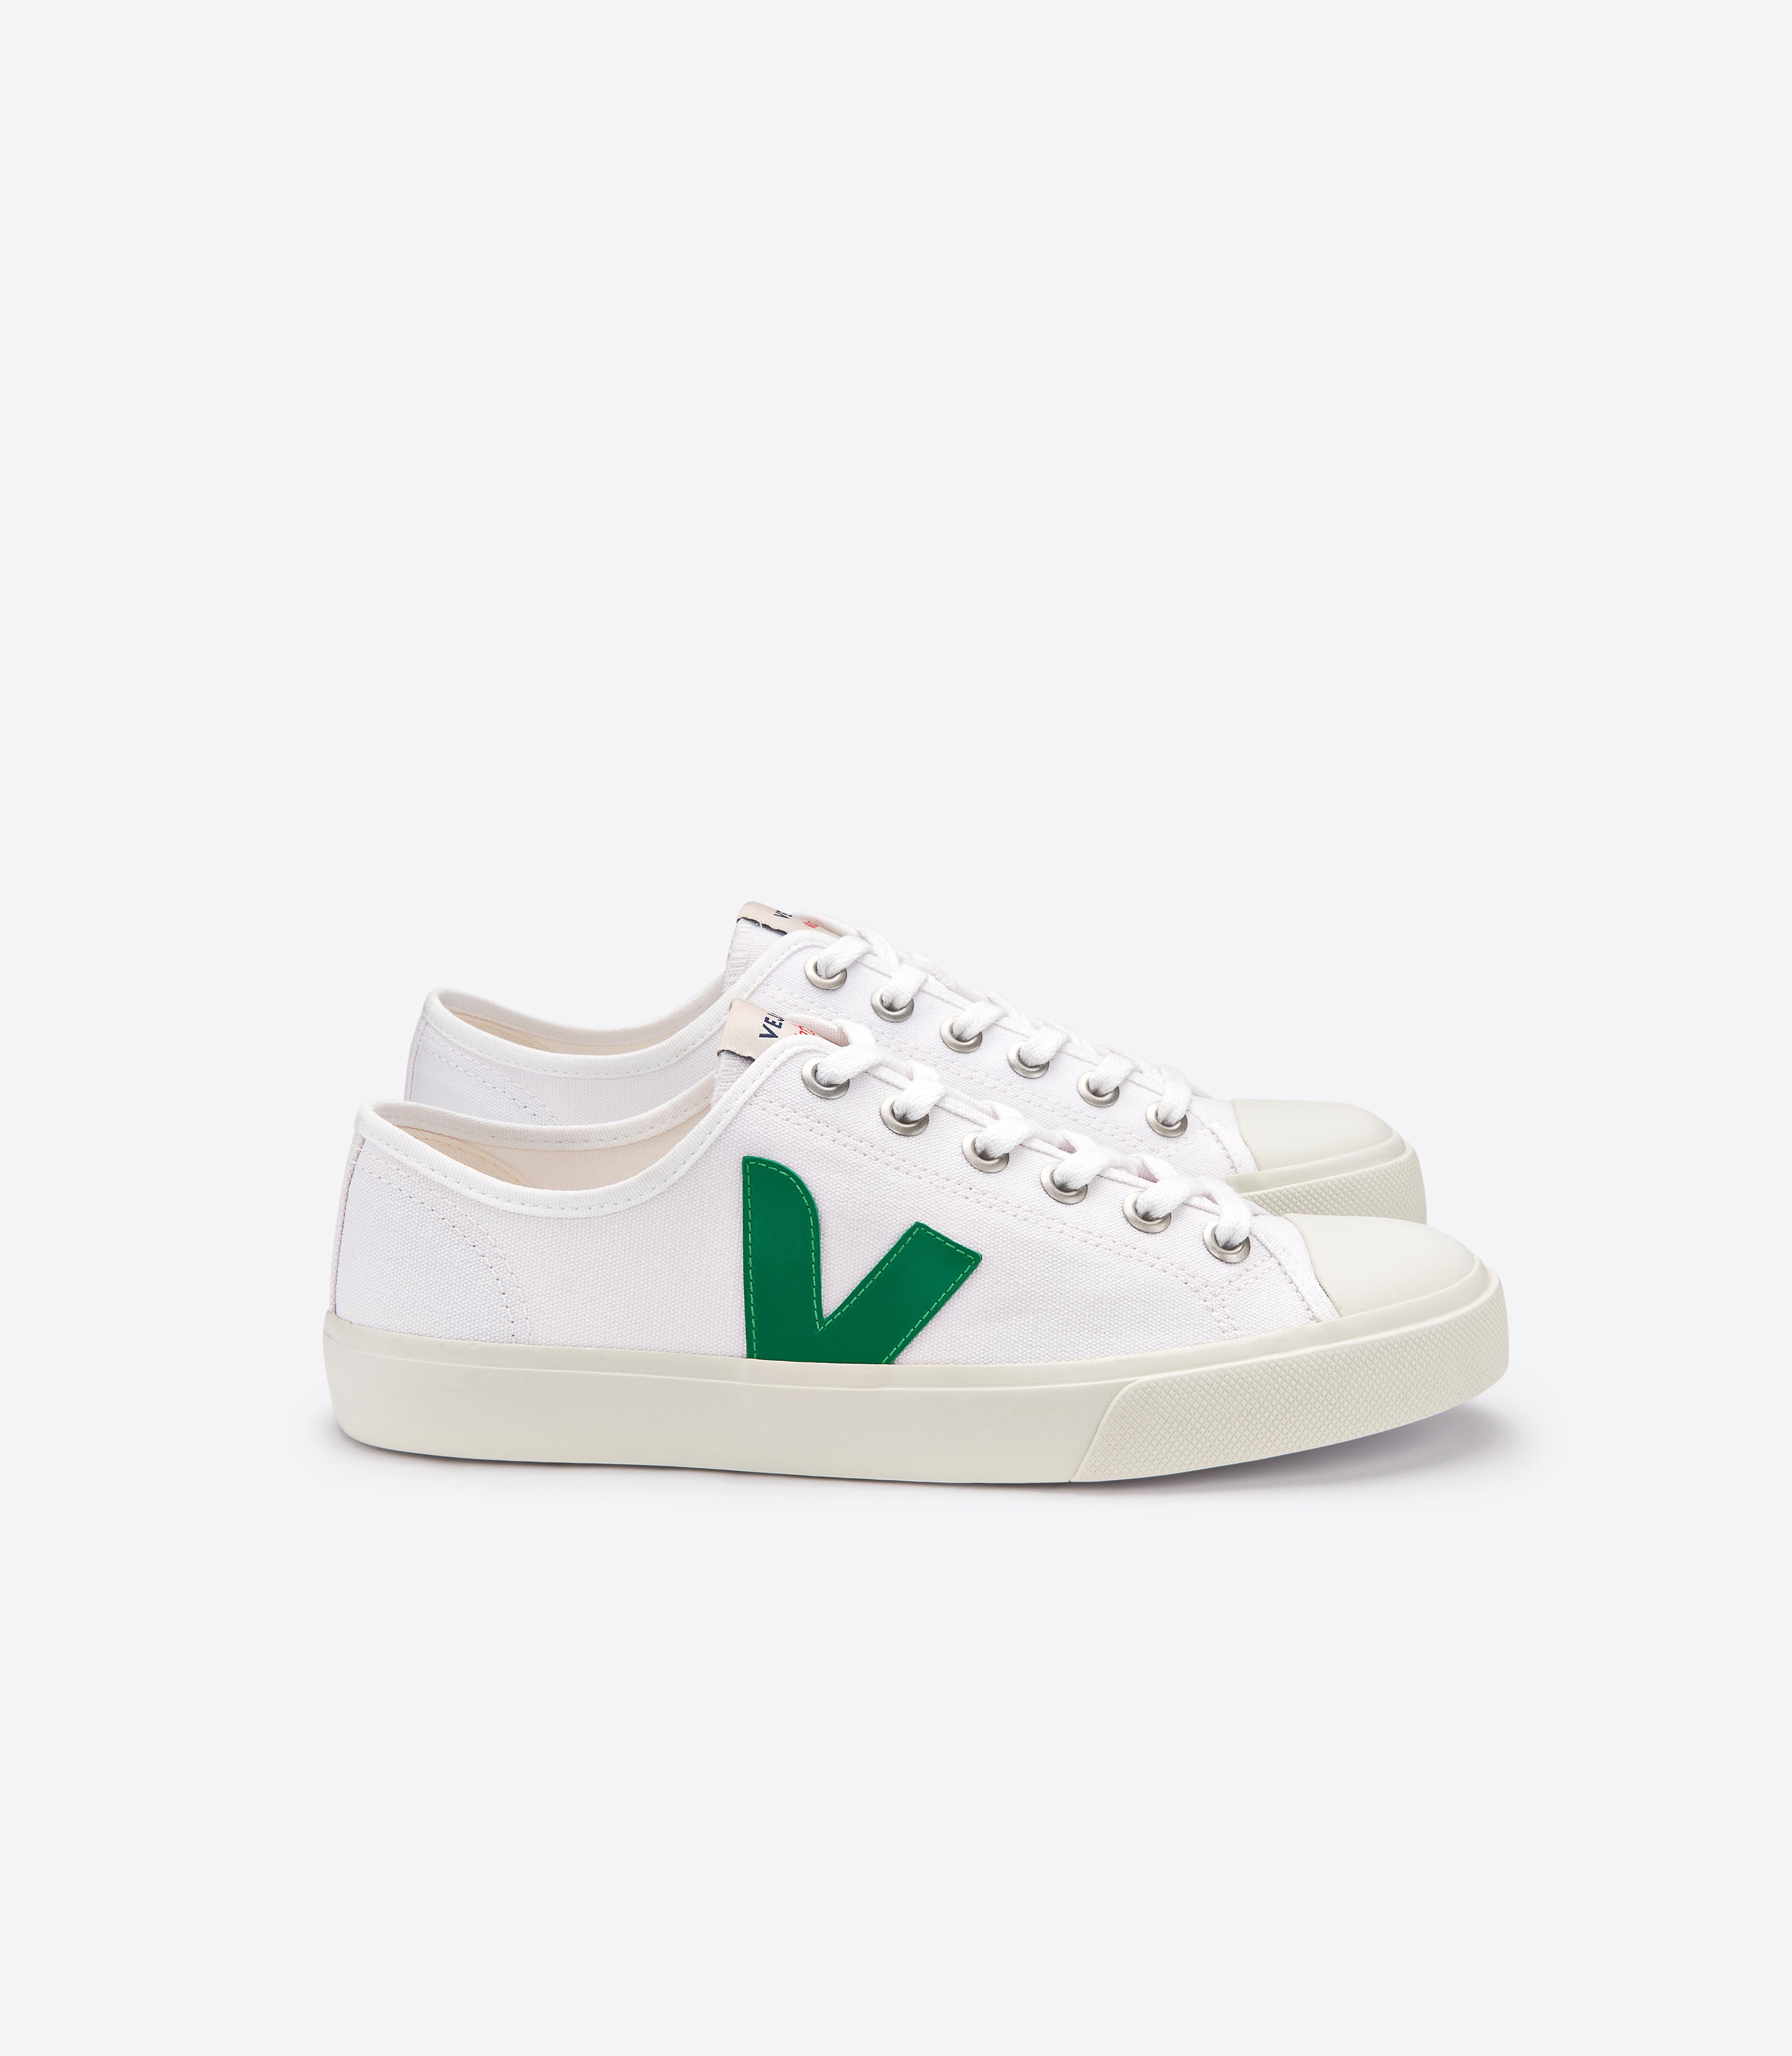 34c6885114 Avocadostore - Eco Fashion & Green Lifestyle - Nachhaltig shoppen